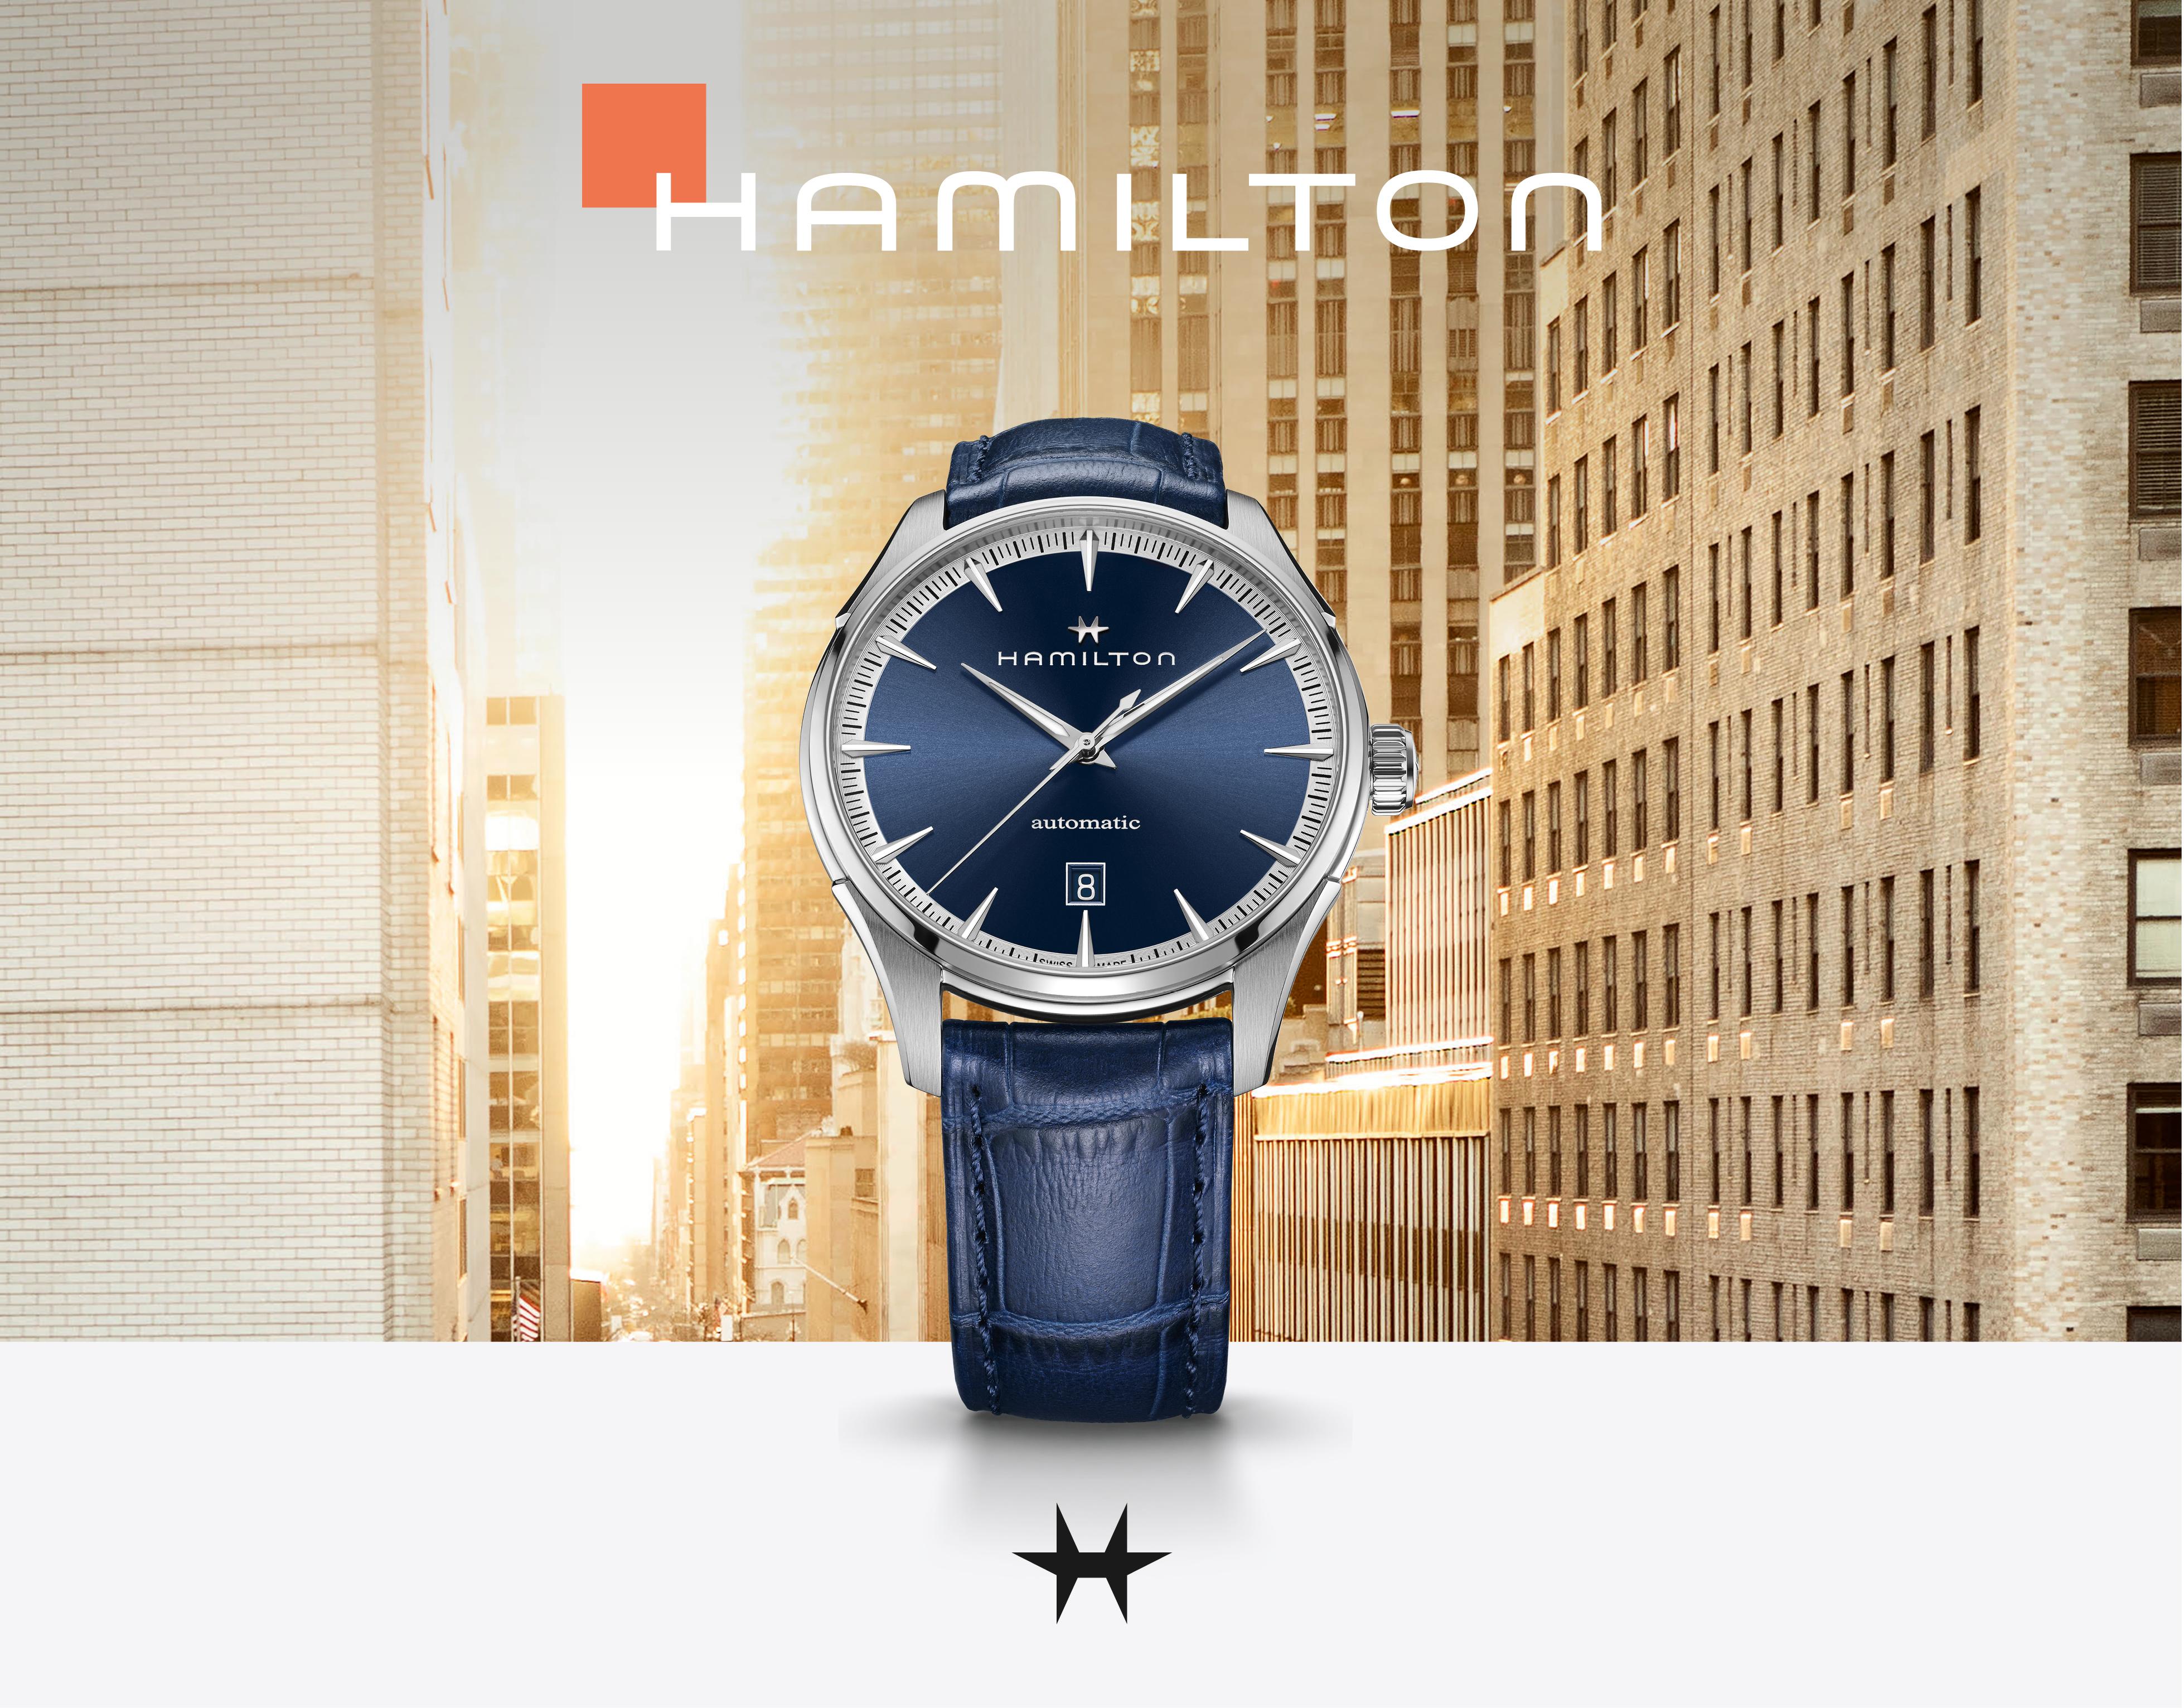 reloj hamilton para regalar